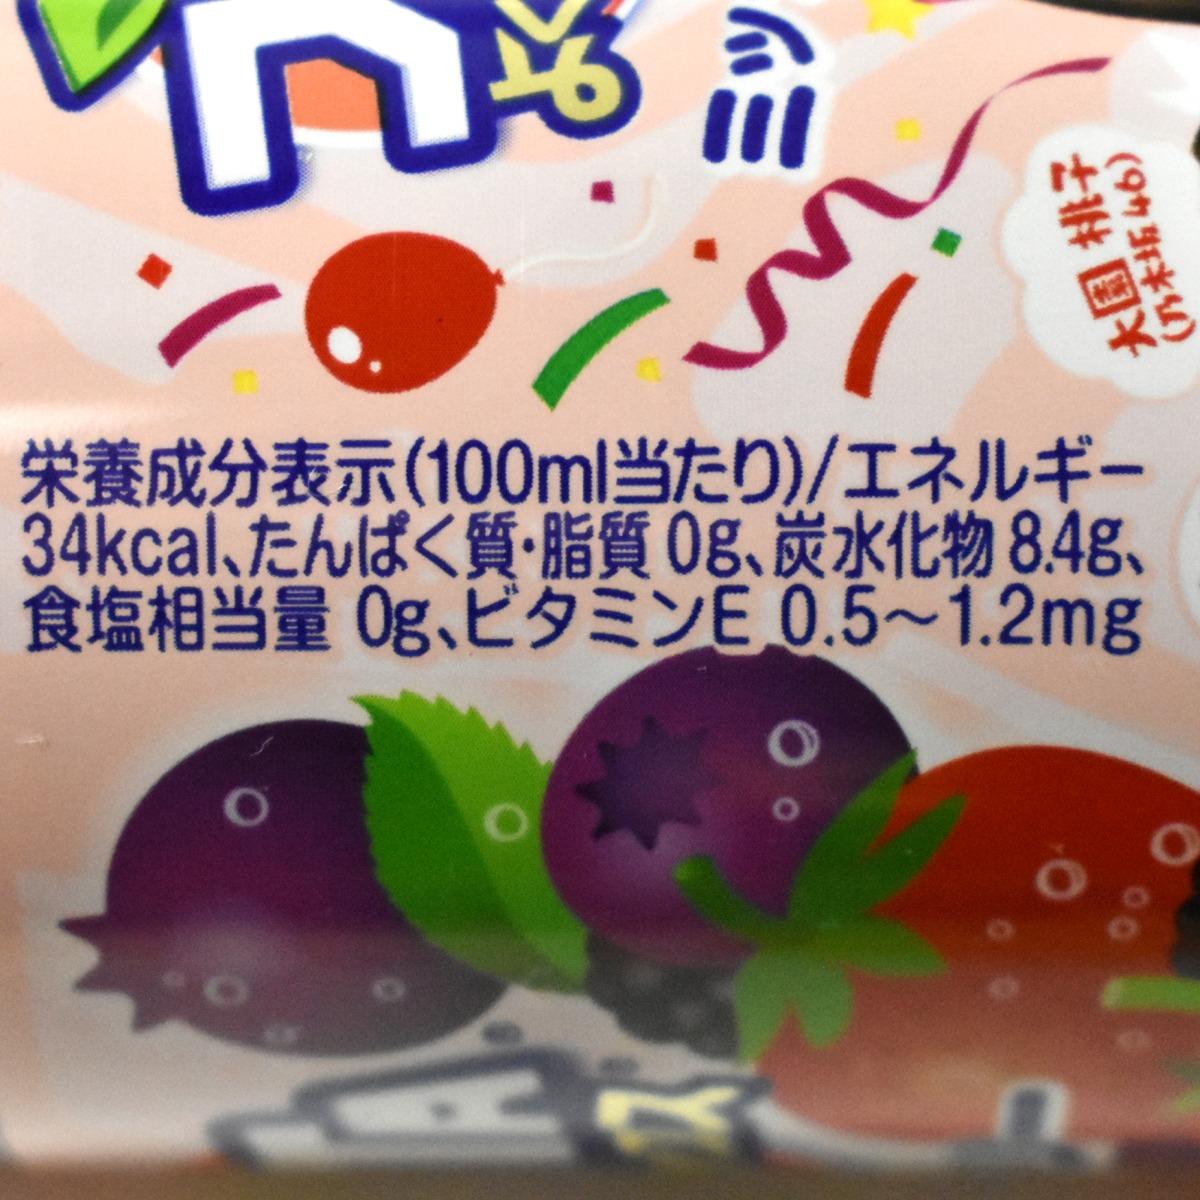 ファンタ よくばりミックス ミックスベリーの栄養成分表示